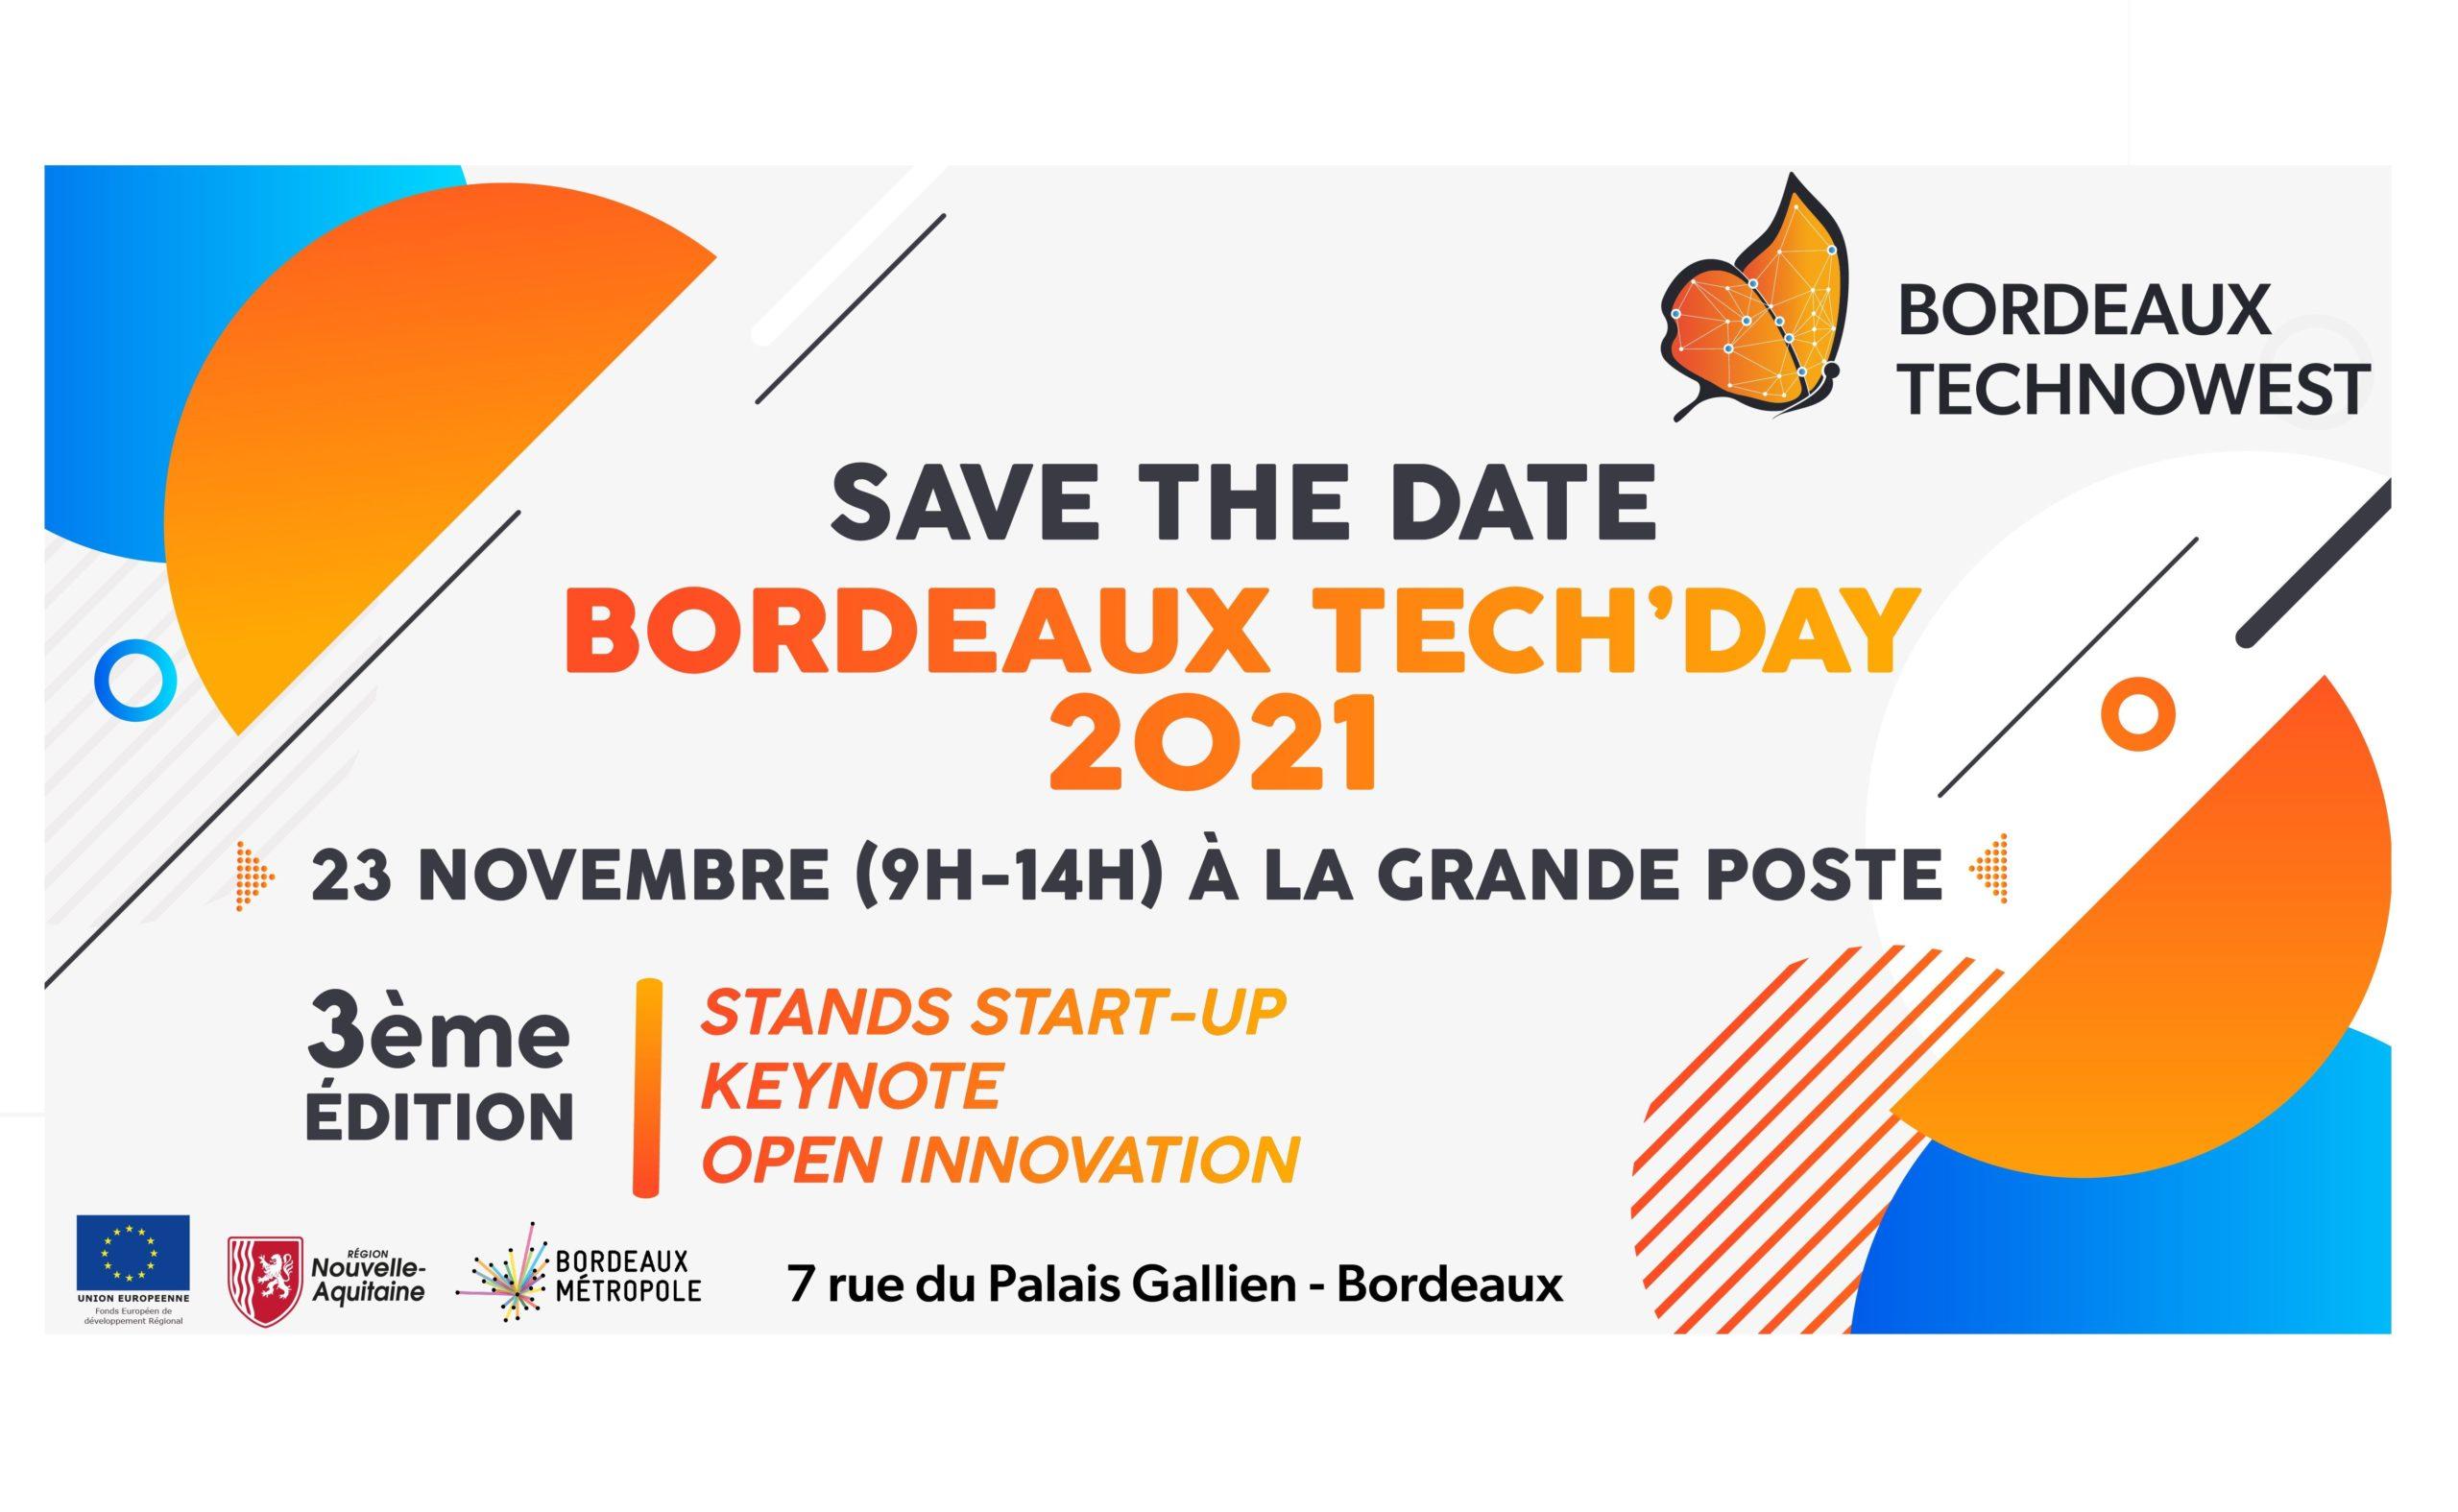 Save the date pour le Bordeaux Tech'Day!